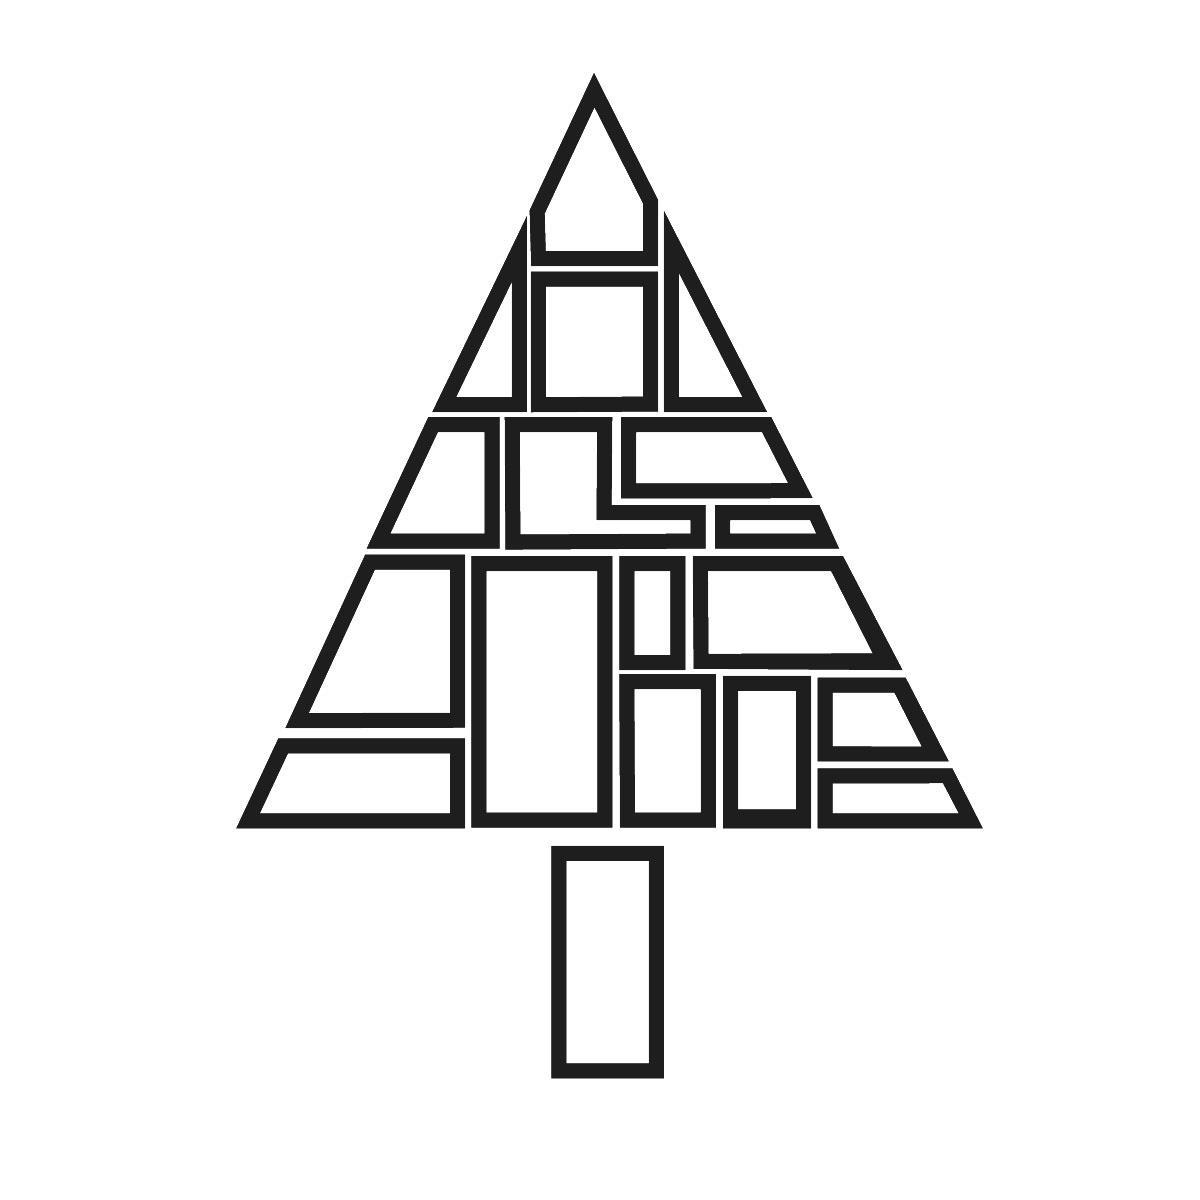 Disegni Di Natale Da Colorare 2019.Albero Di Natale Disegni Da Scaricare Stampare E Colorare